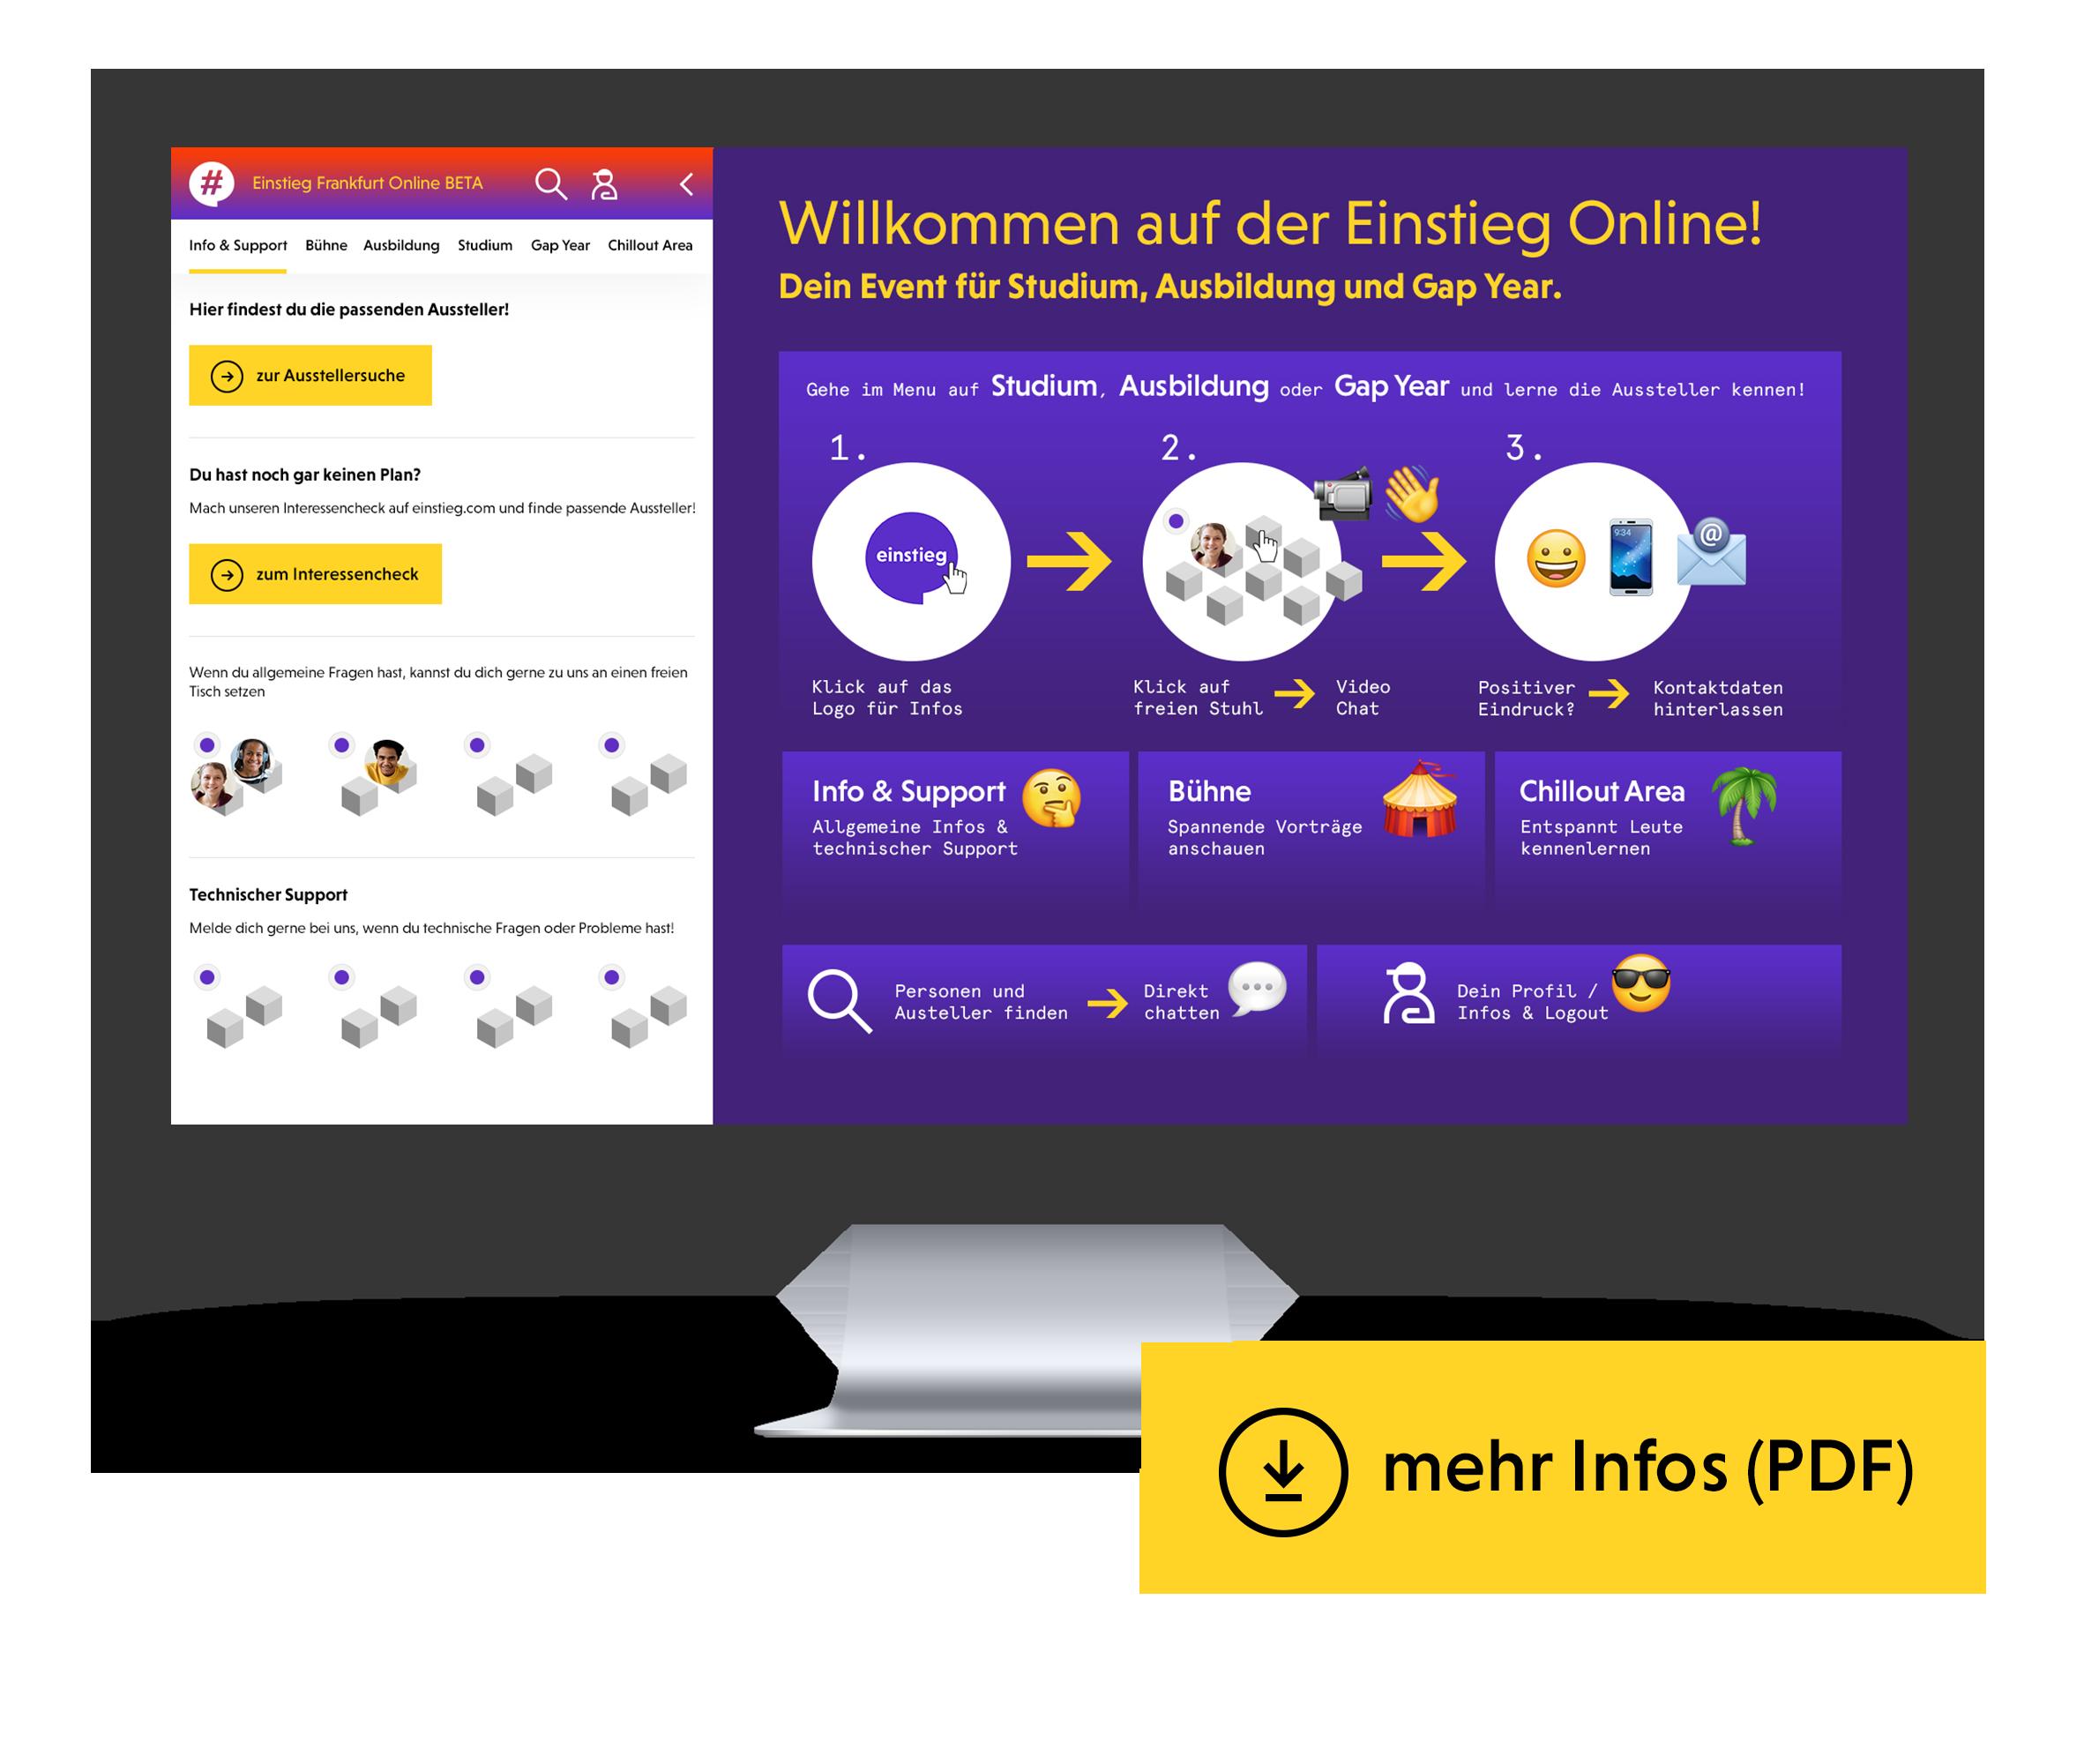 So funktioniert die Einstieg Frankfurt Online